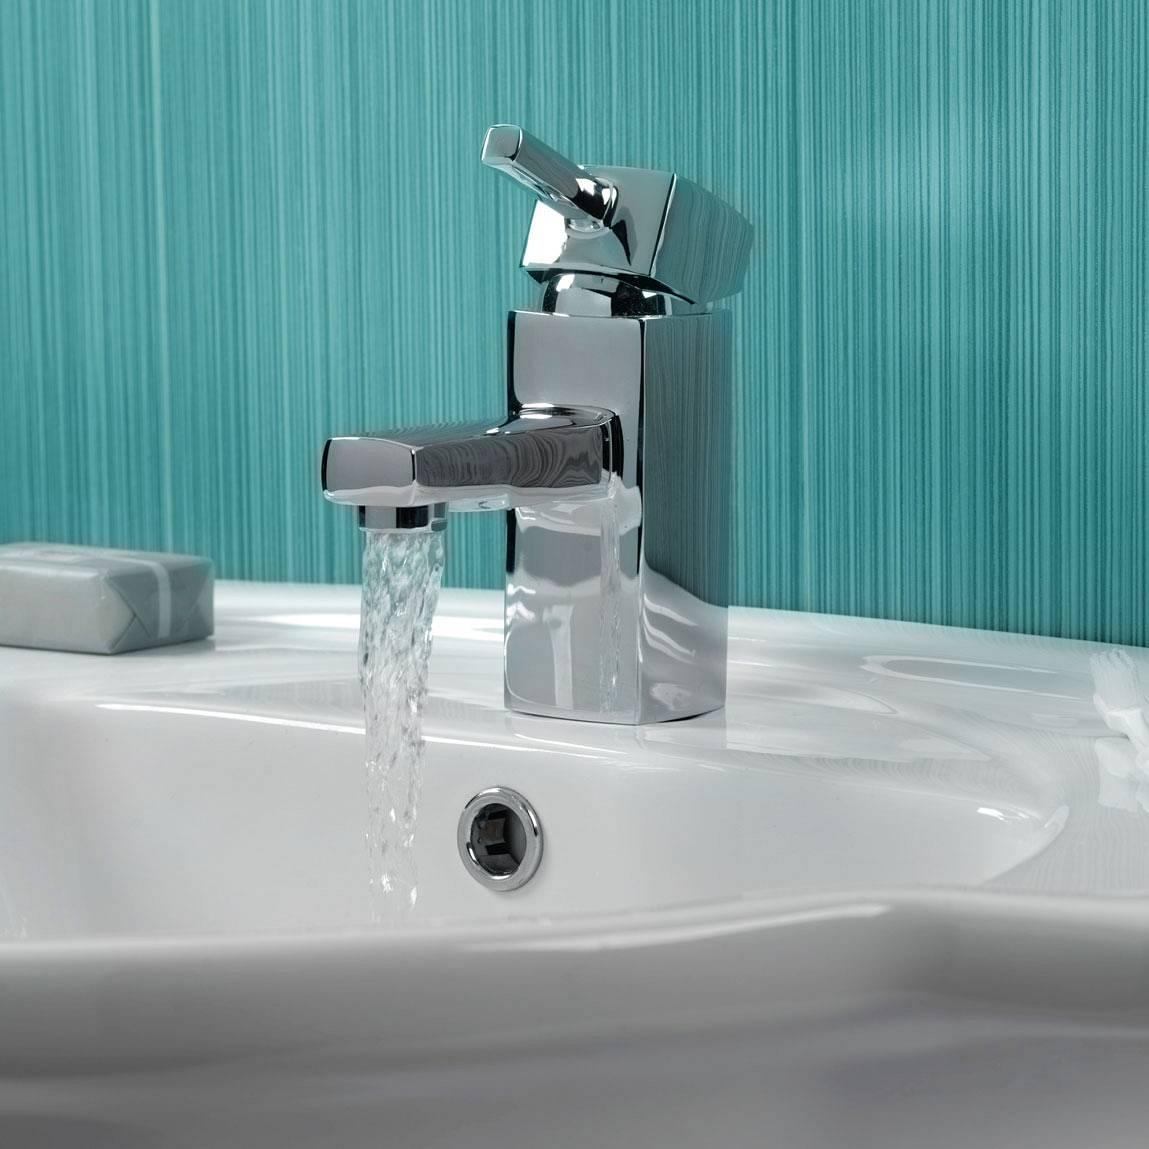 Derwent basin mixer tap